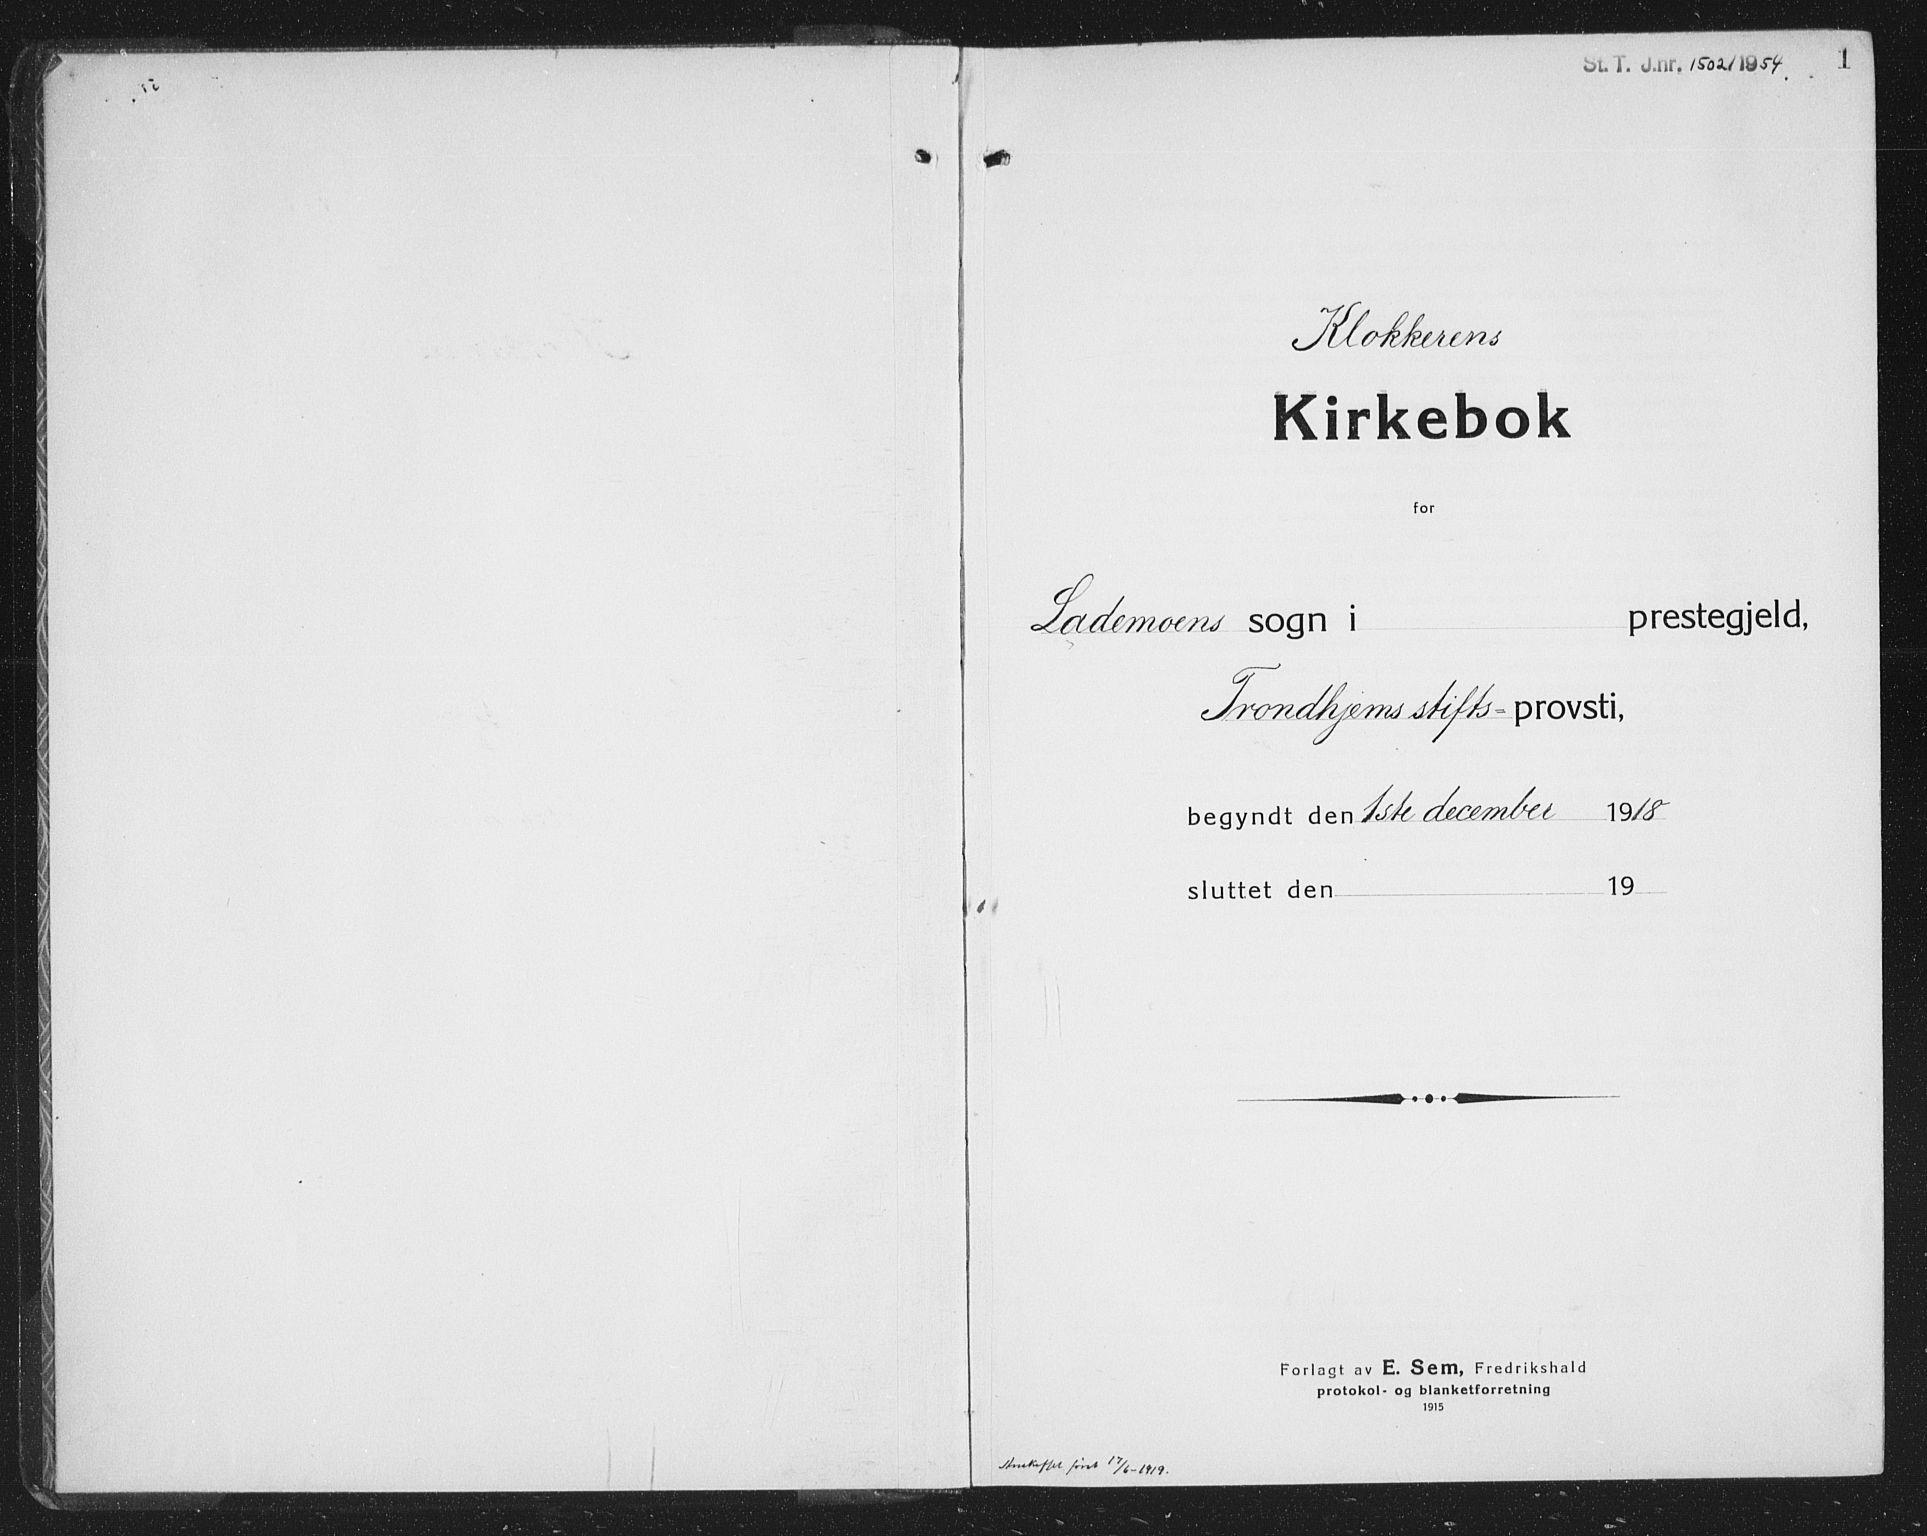 SAT, Ministerialprotokoller, klokkerbøker og fødselsregistre - Sør-Trøndelag, 605/L0258: Klokkerbok nr. 605C05, 1918-1930, s. 1